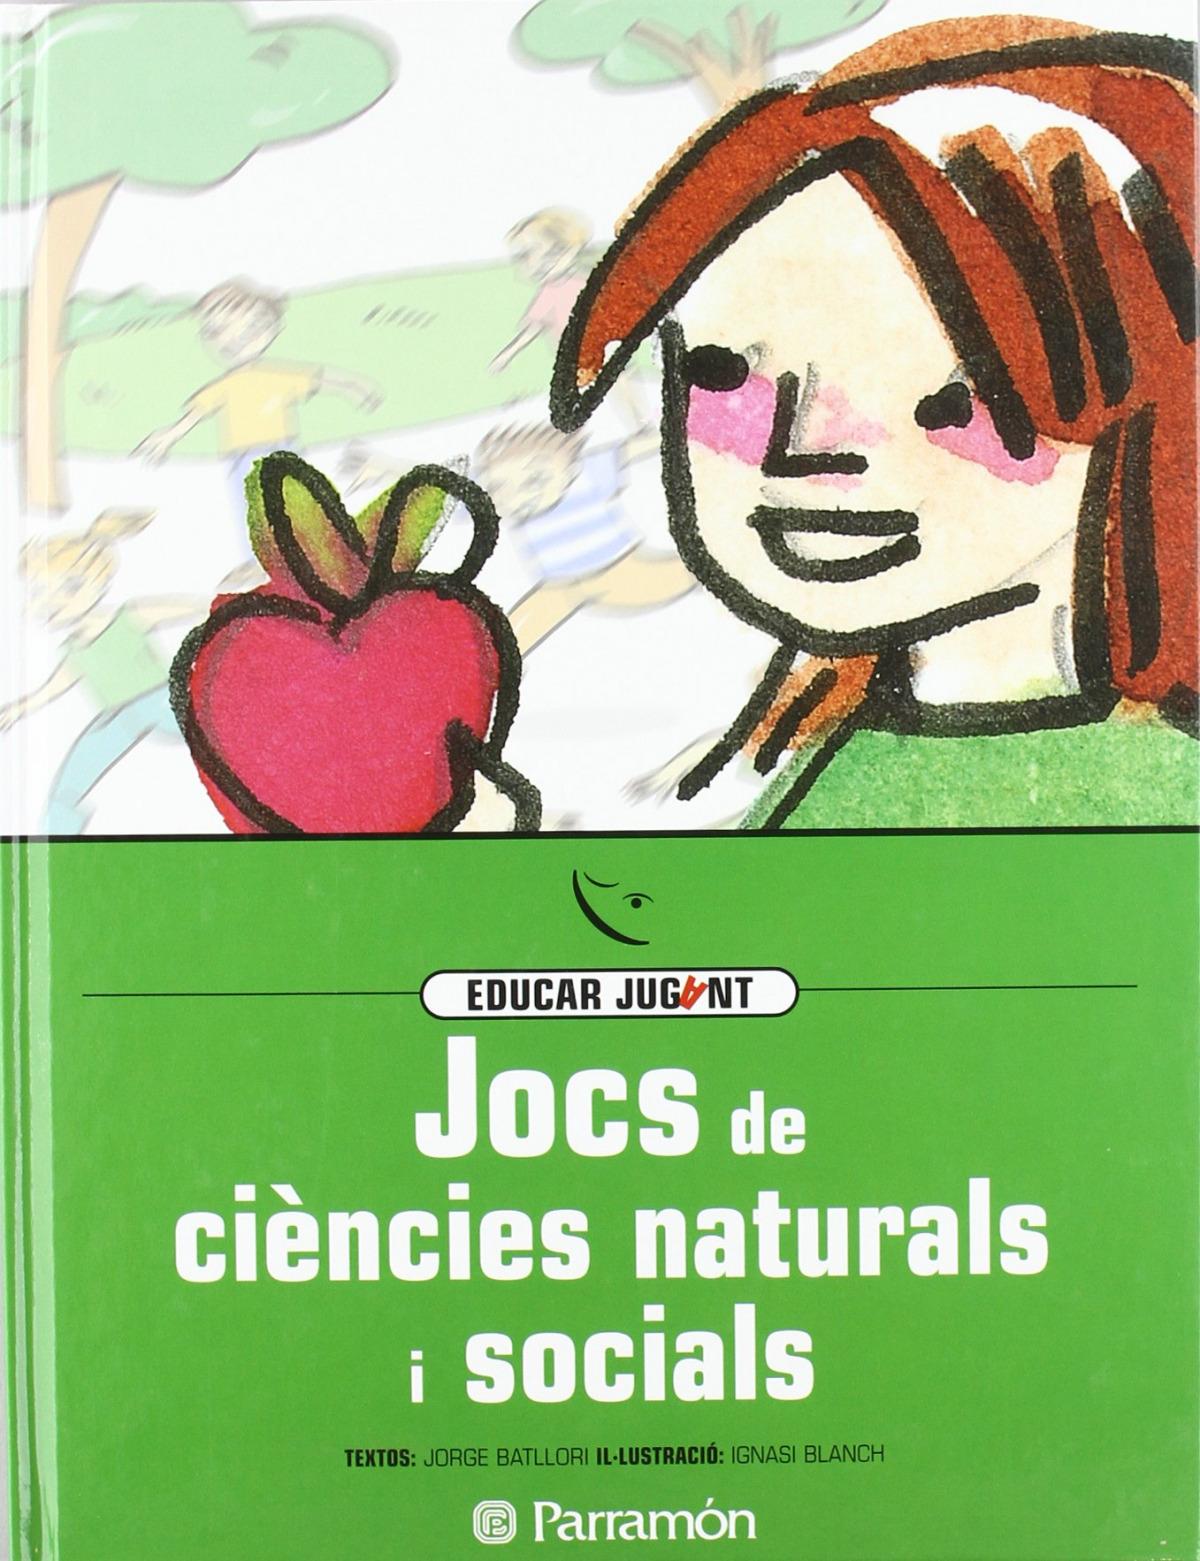 Jocs de ciències naturals i socials